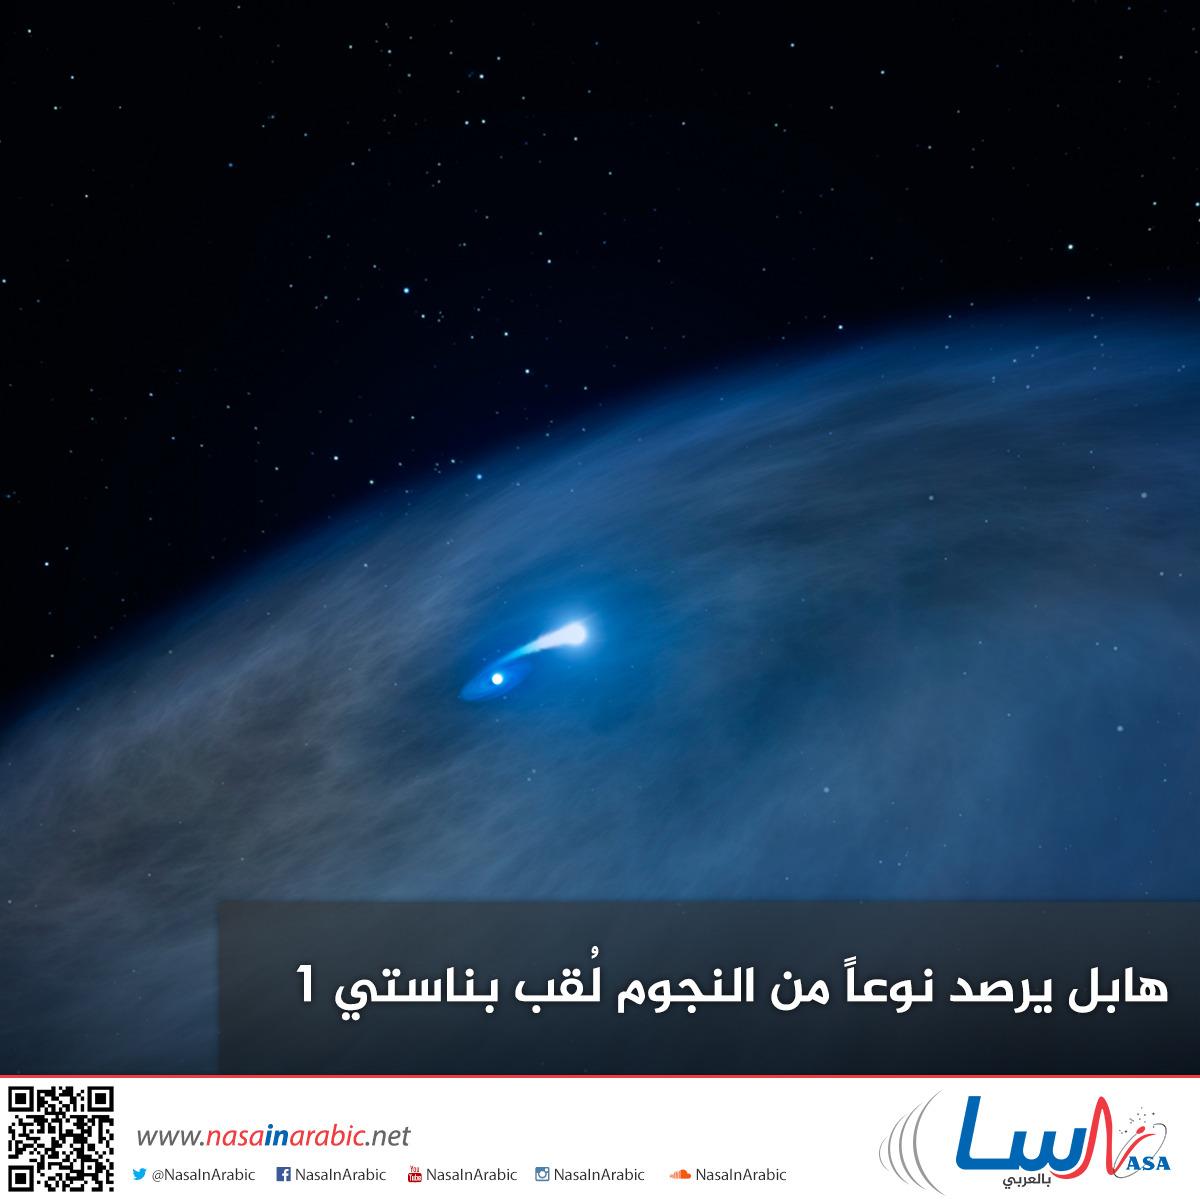 هابل يرصد نوعاً من النجوم لُقب بناستي 1